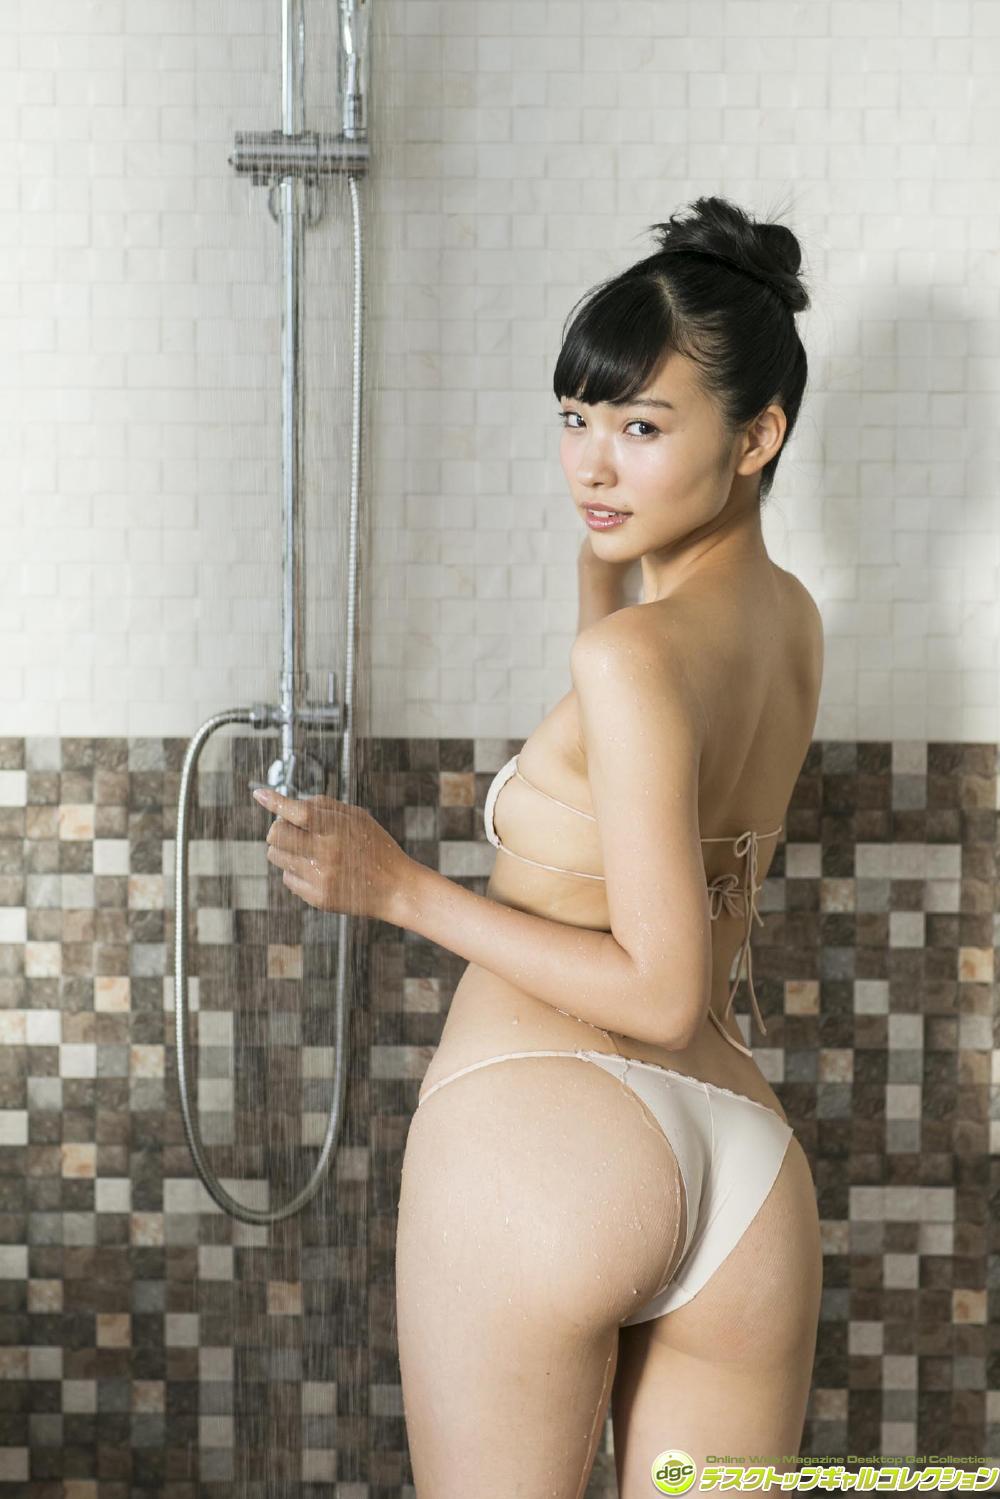 [DGC] 2017.07 Karen Koyabayashi 小林かれん 誰もが恋するキュートな美尻をまるかじり! [100P77.7MB]